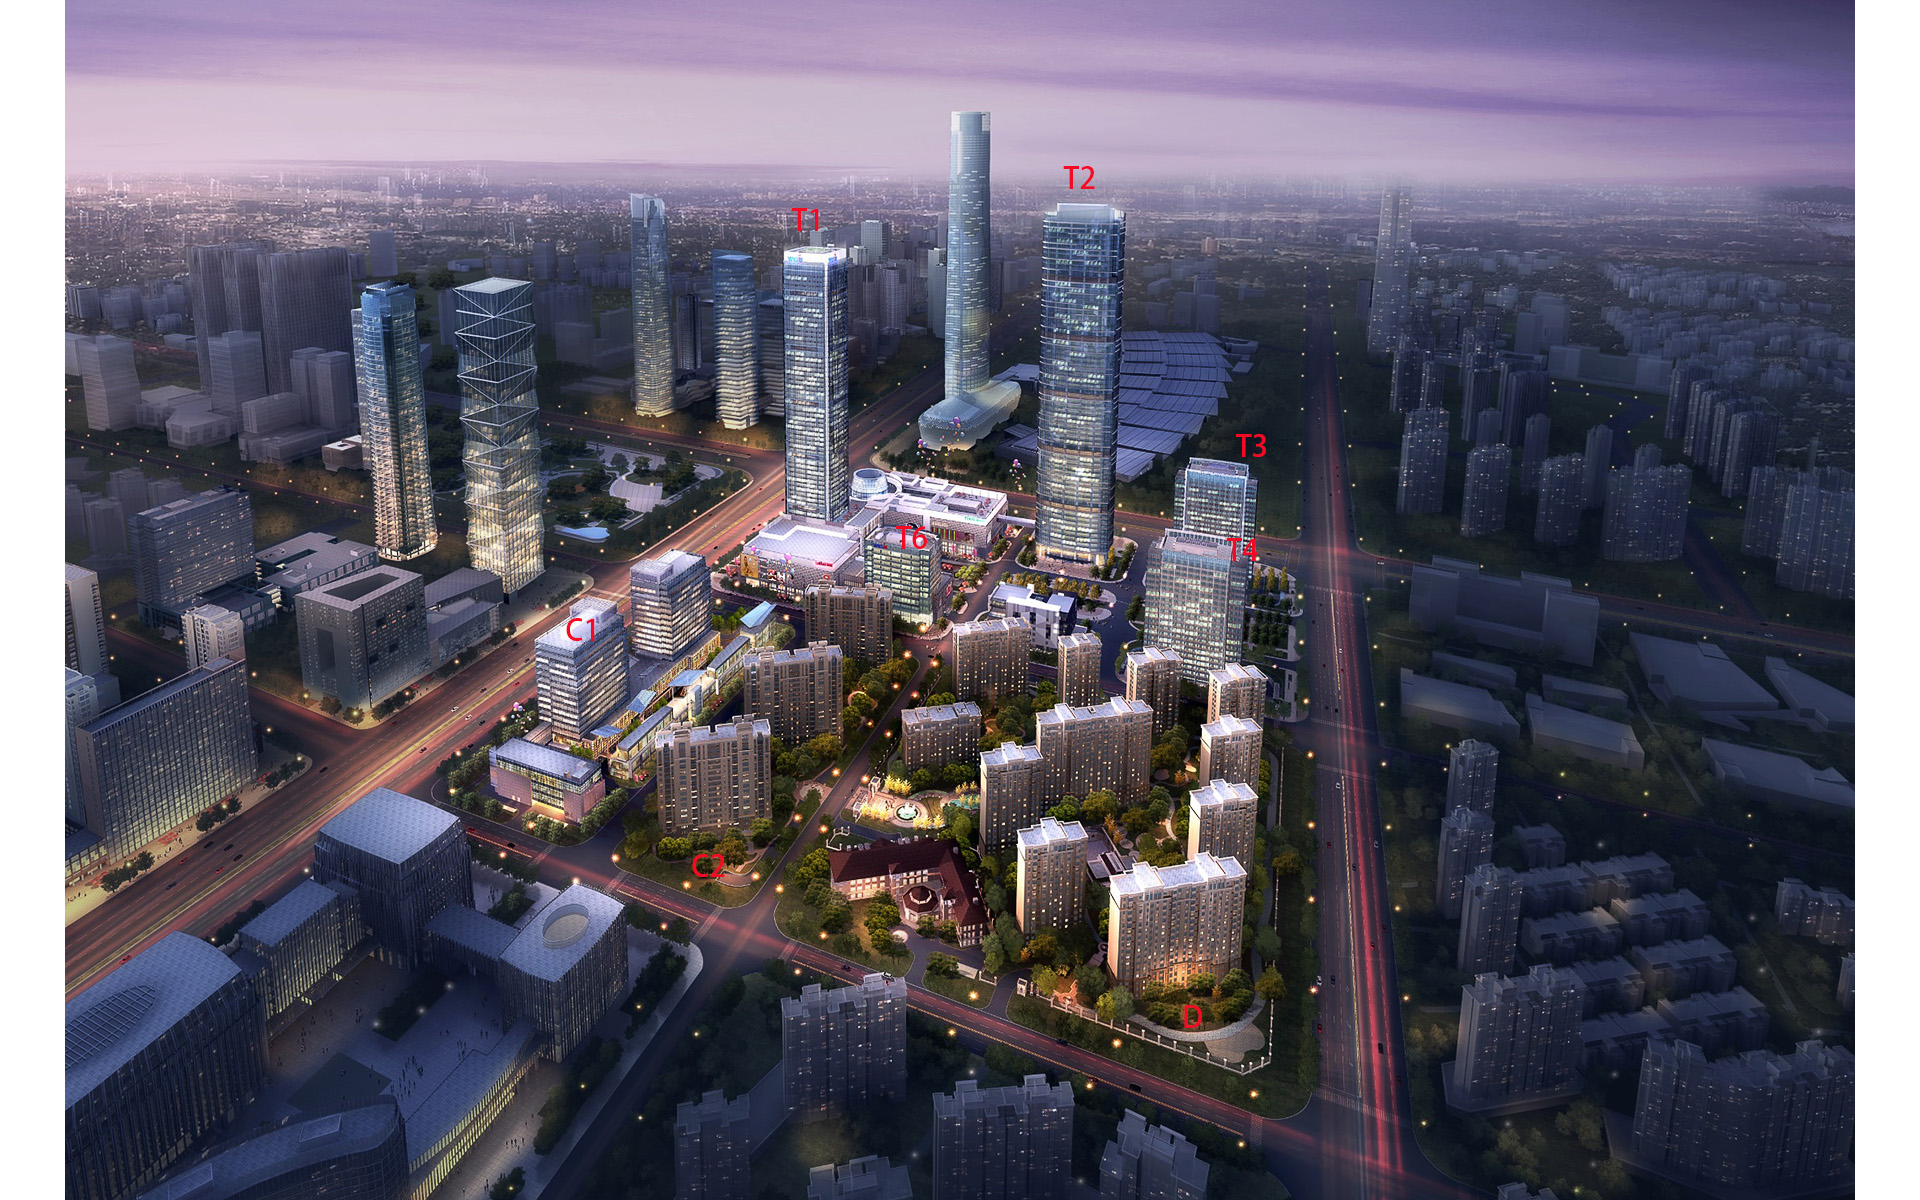 南京華新城整體規劃開發